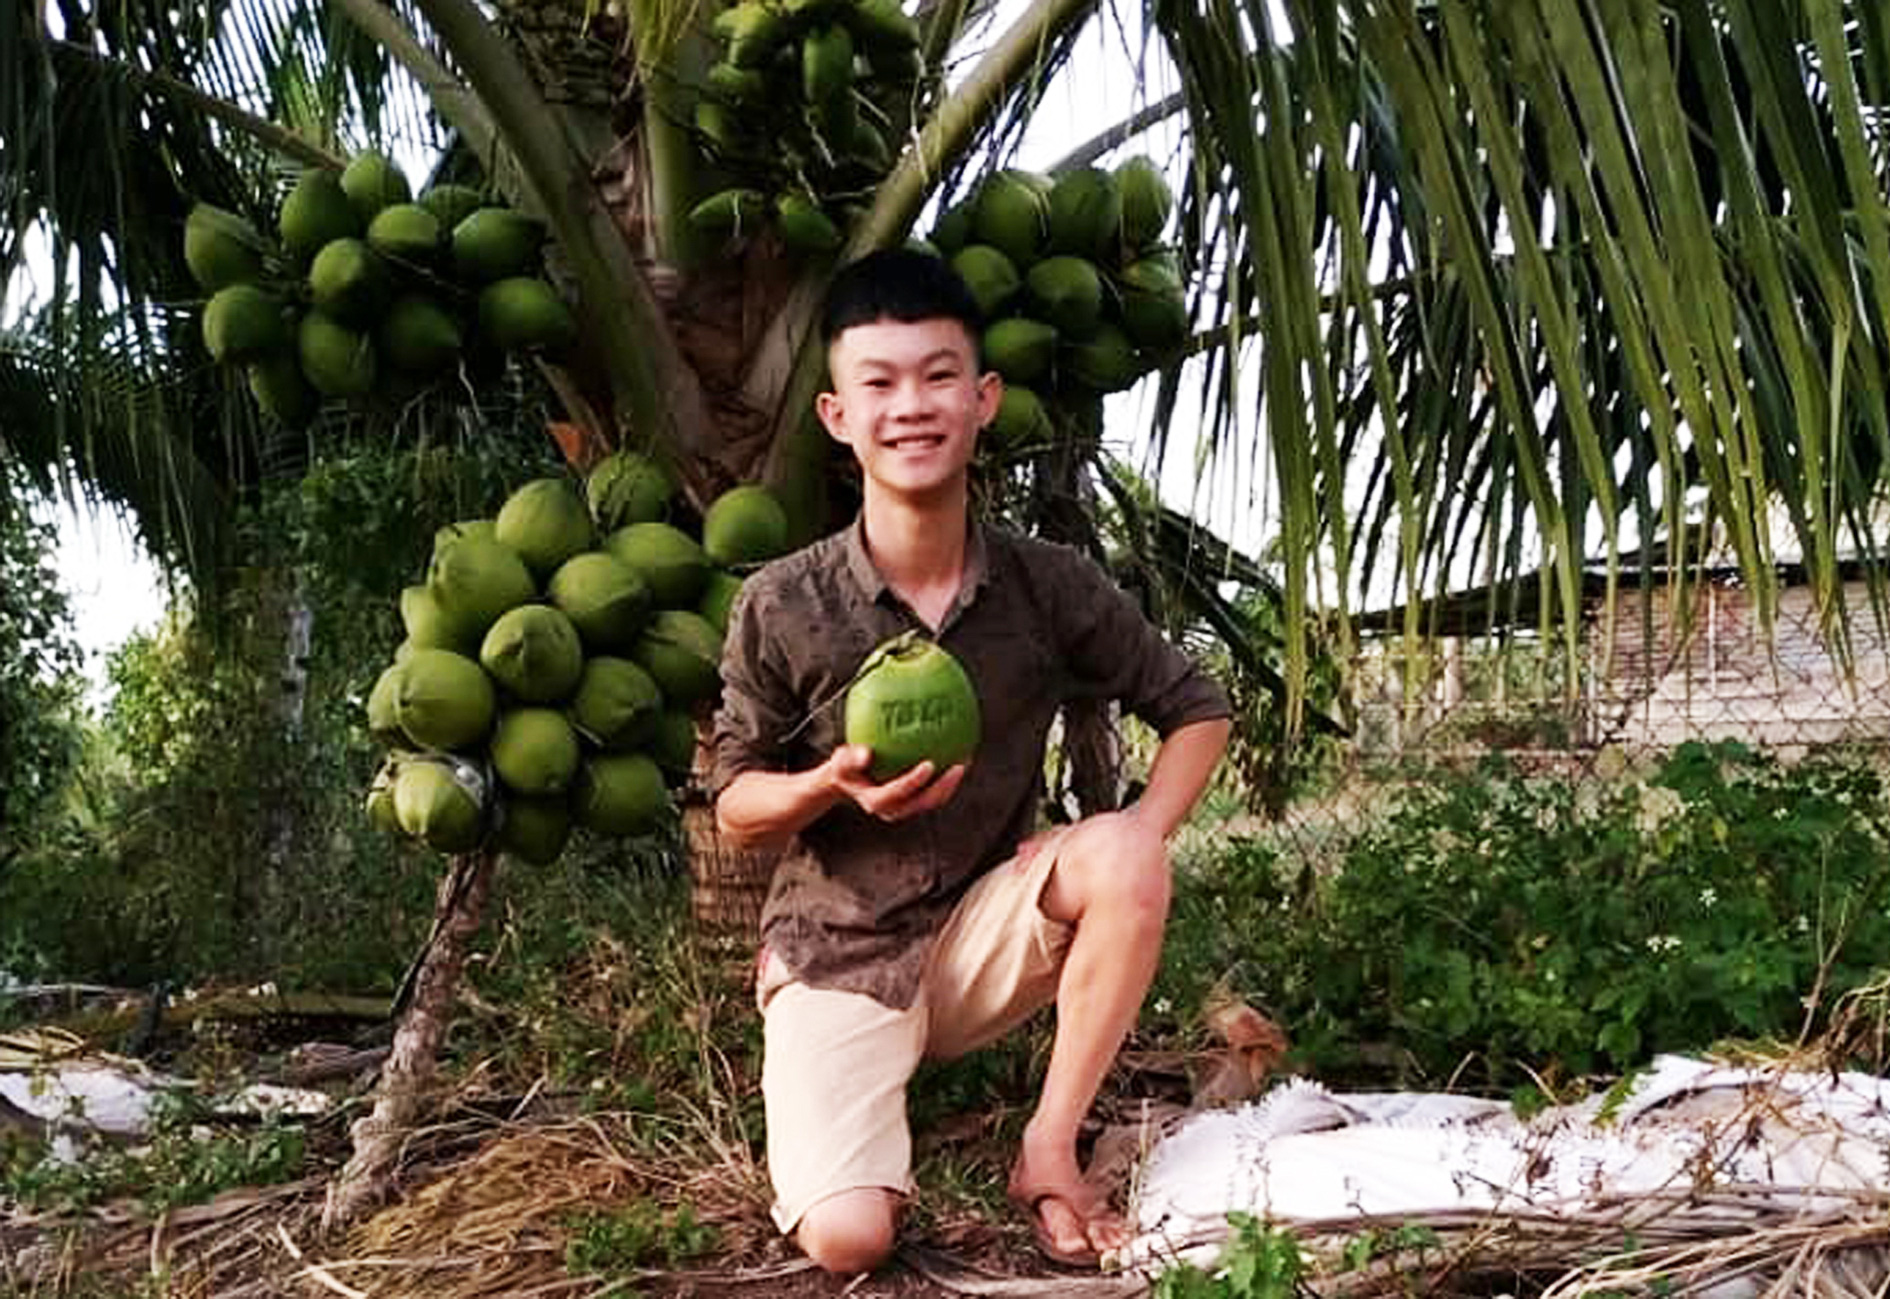 Cậu bé bị nói là điên nhưng làm gì cũng có tiền từ nông nghiệp hữu cơ - Ảnh 2.